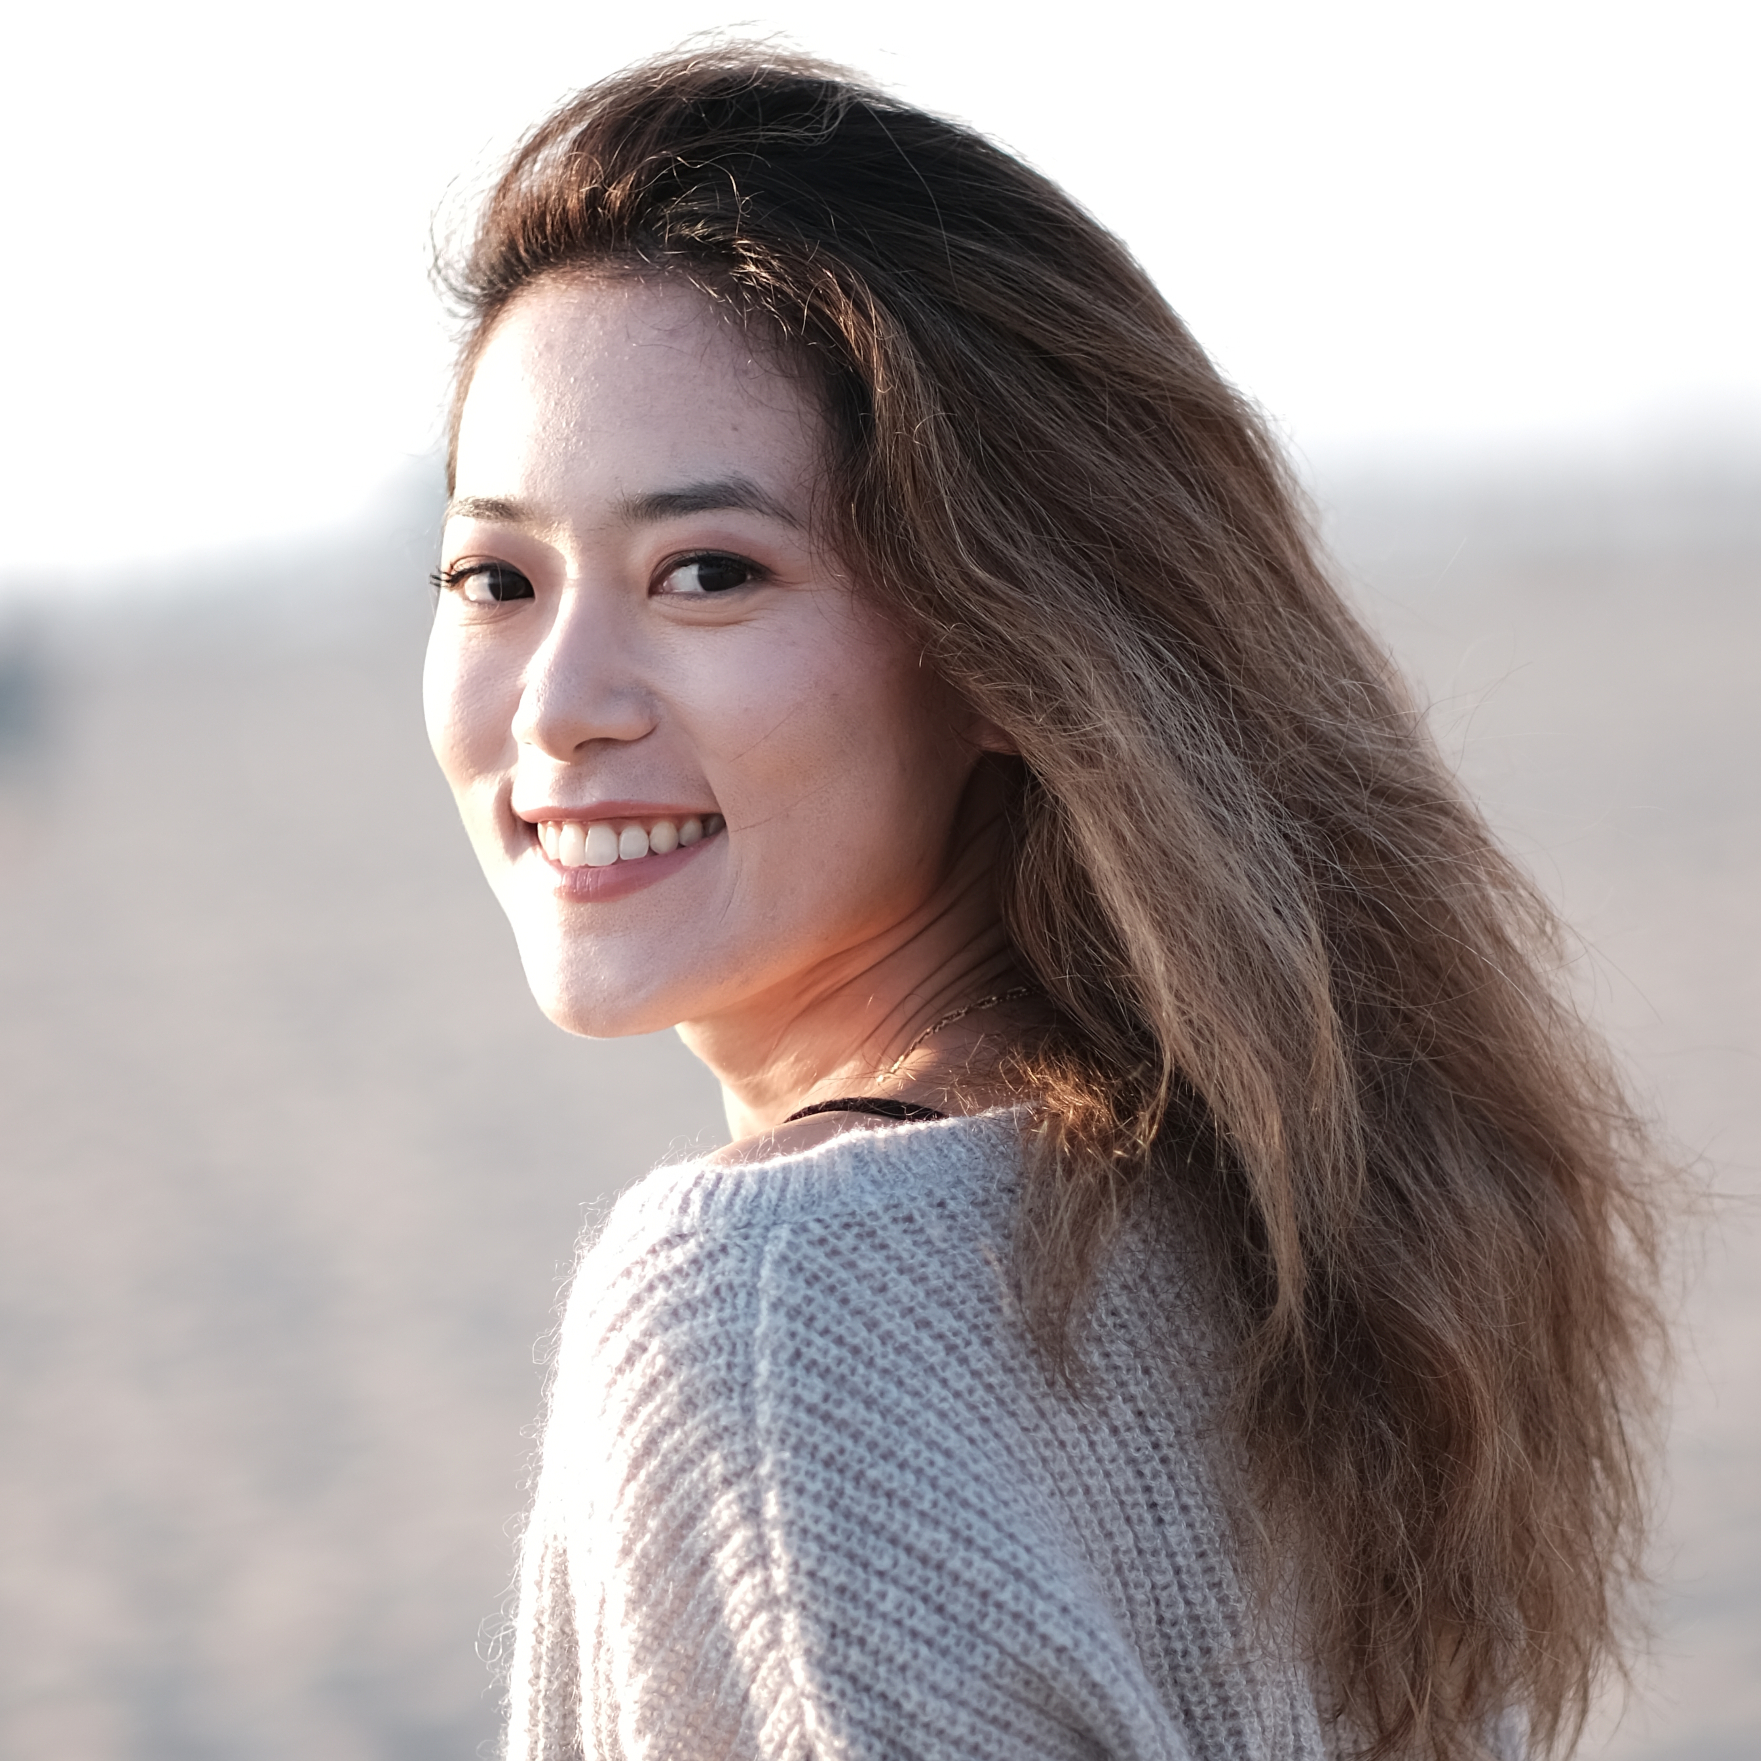 梁雨琪 Yuqi Liang